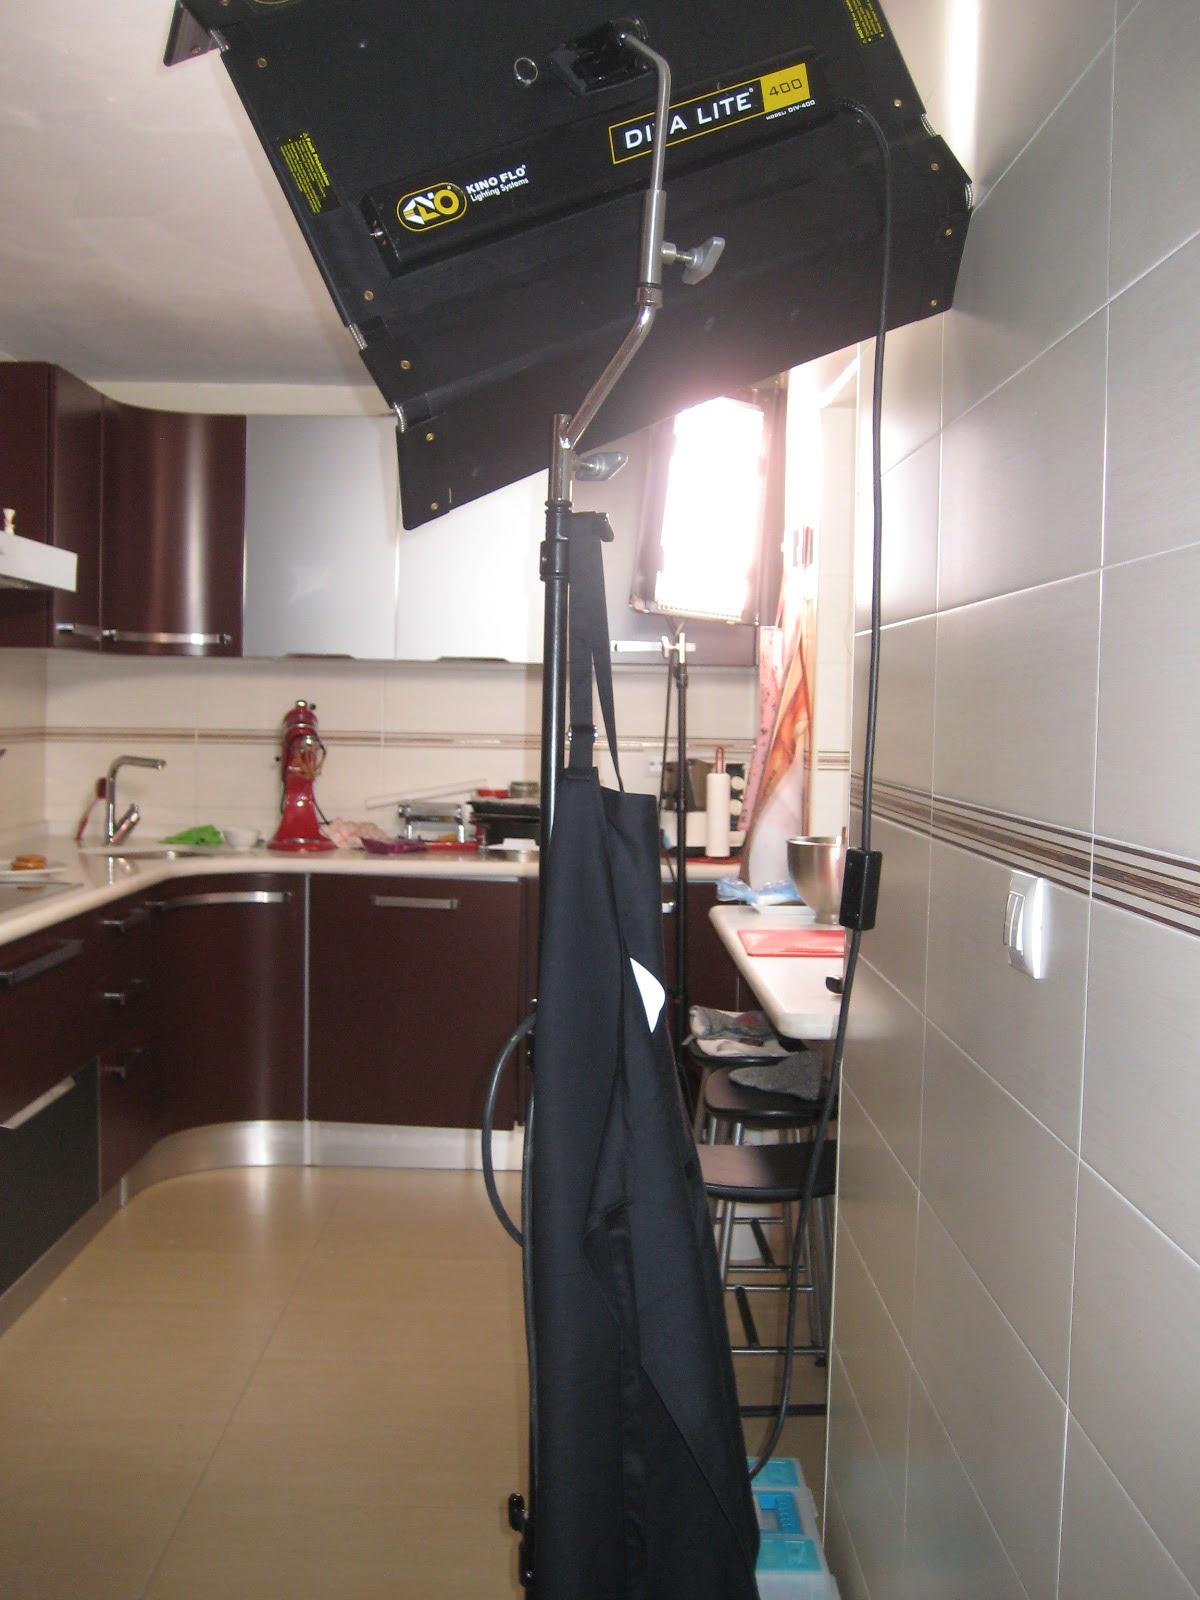 Grabaci n de mi programa en canal cocina vamos a cocimar - Canal de cocina ...